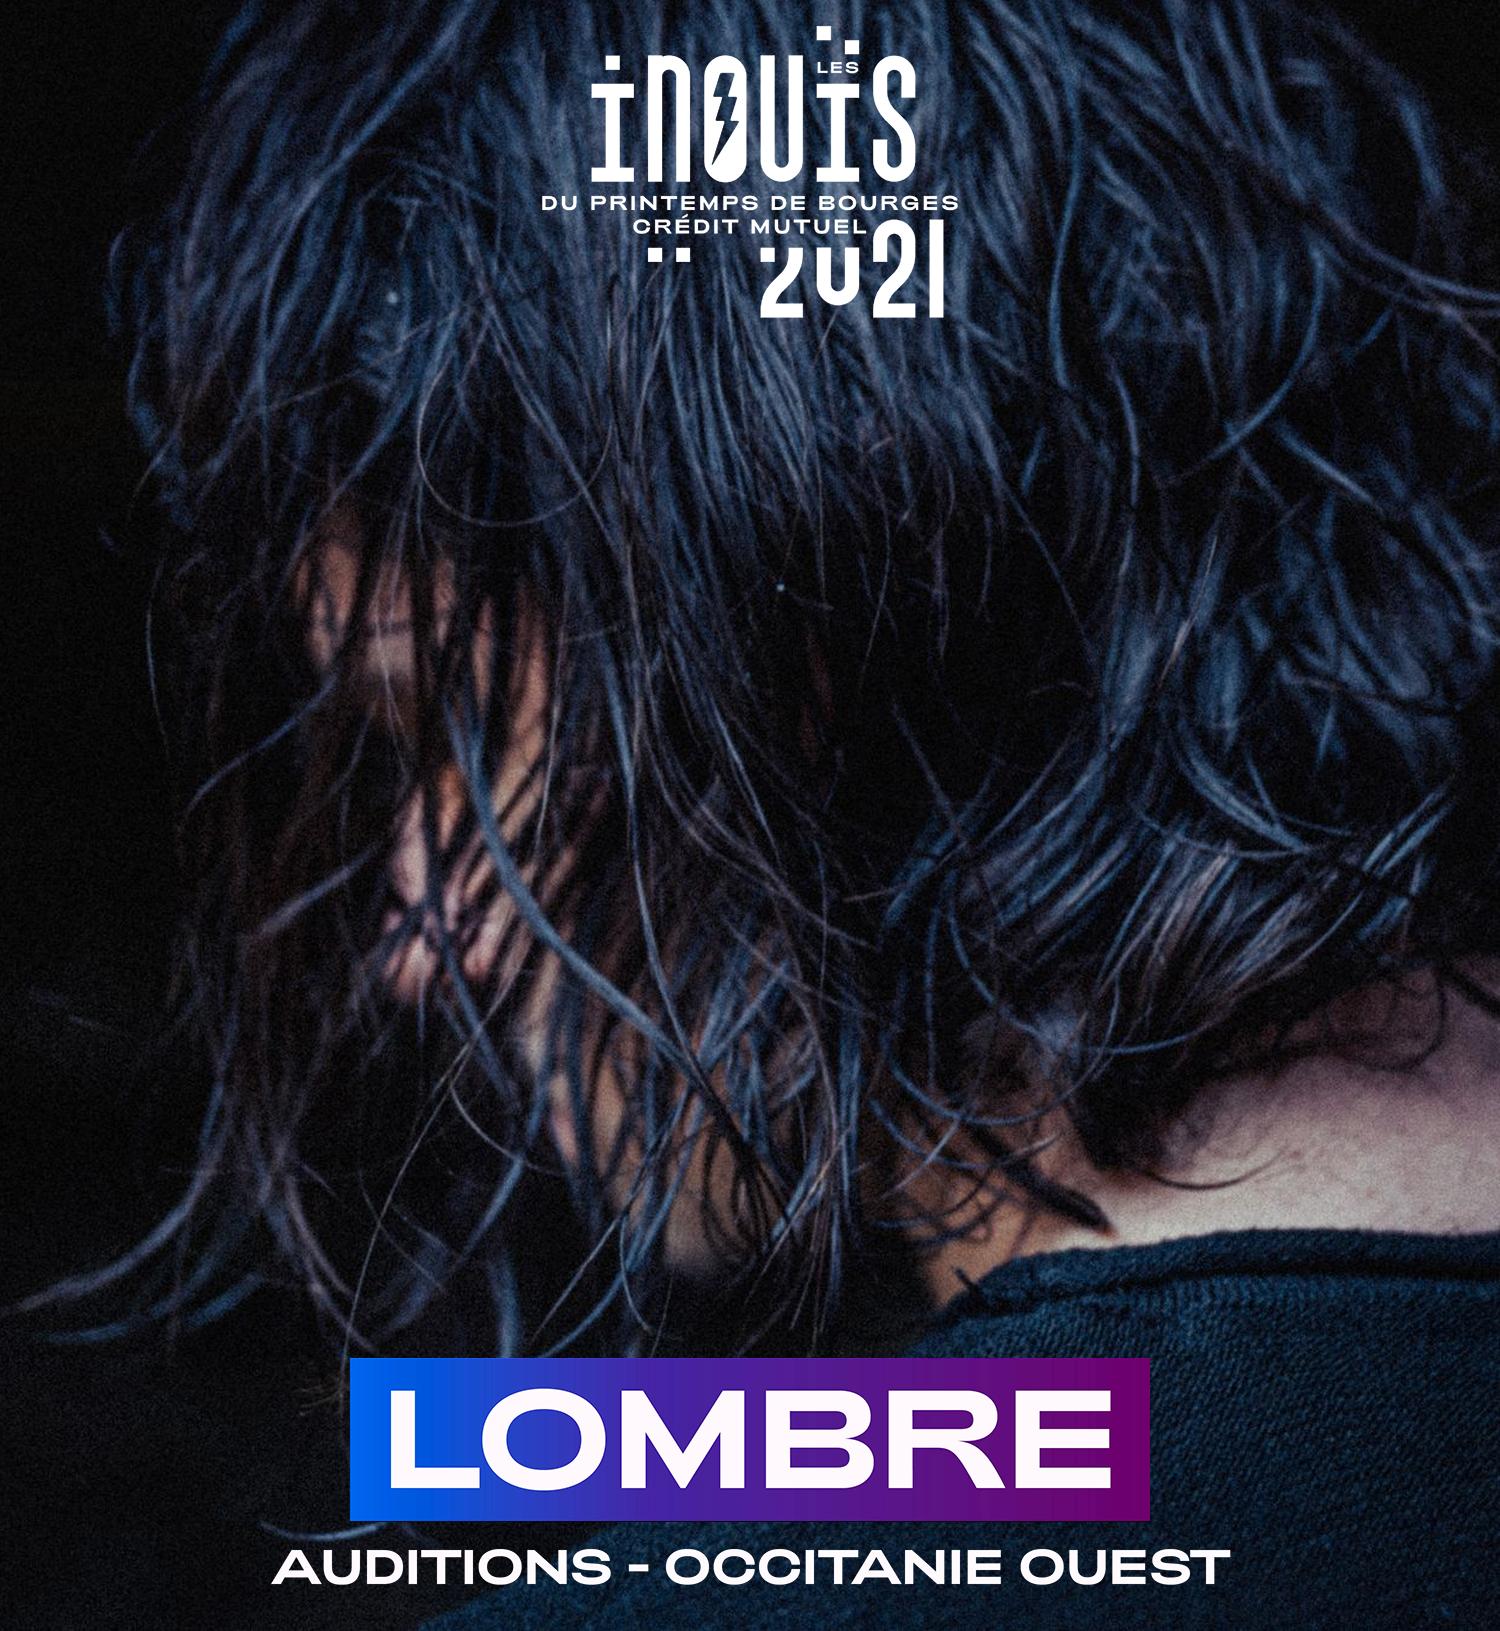 Lombre aux pré-sélections des Inouïs du Printemps de Bourges !